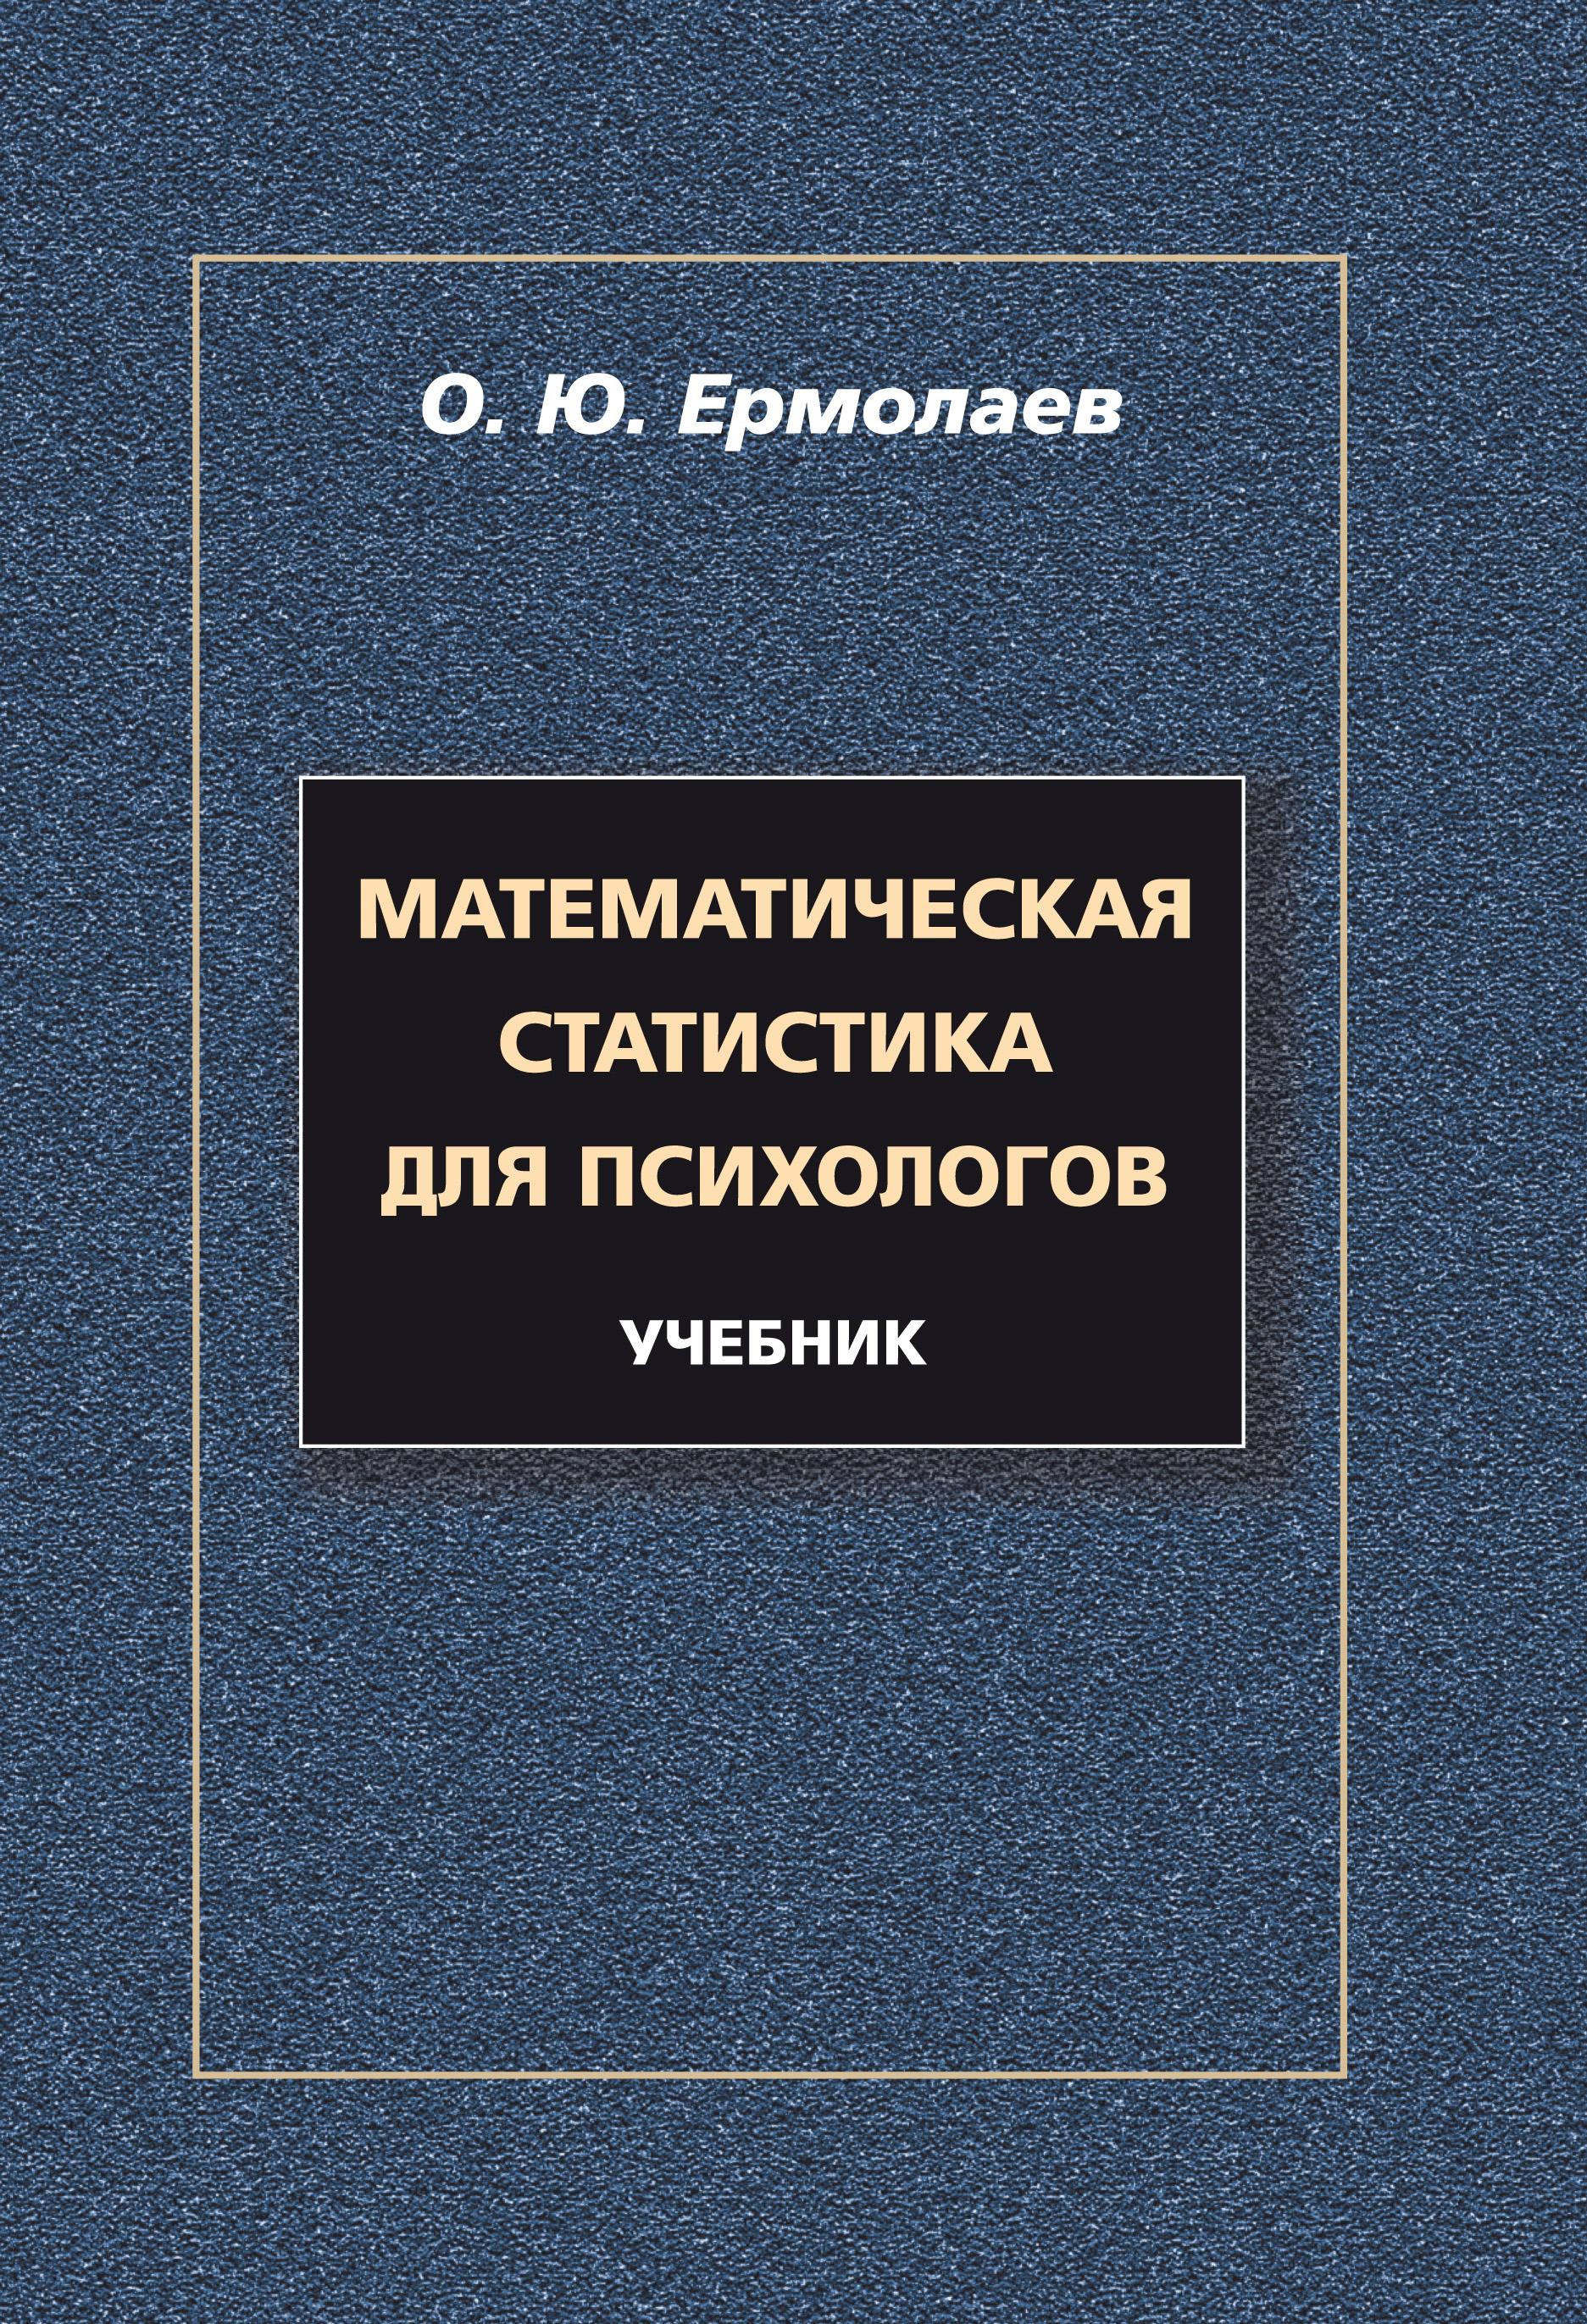 О. Ю. Ермолаев Математическая статистика для психологов. Учебник ю м баженов бетоноведение учебник